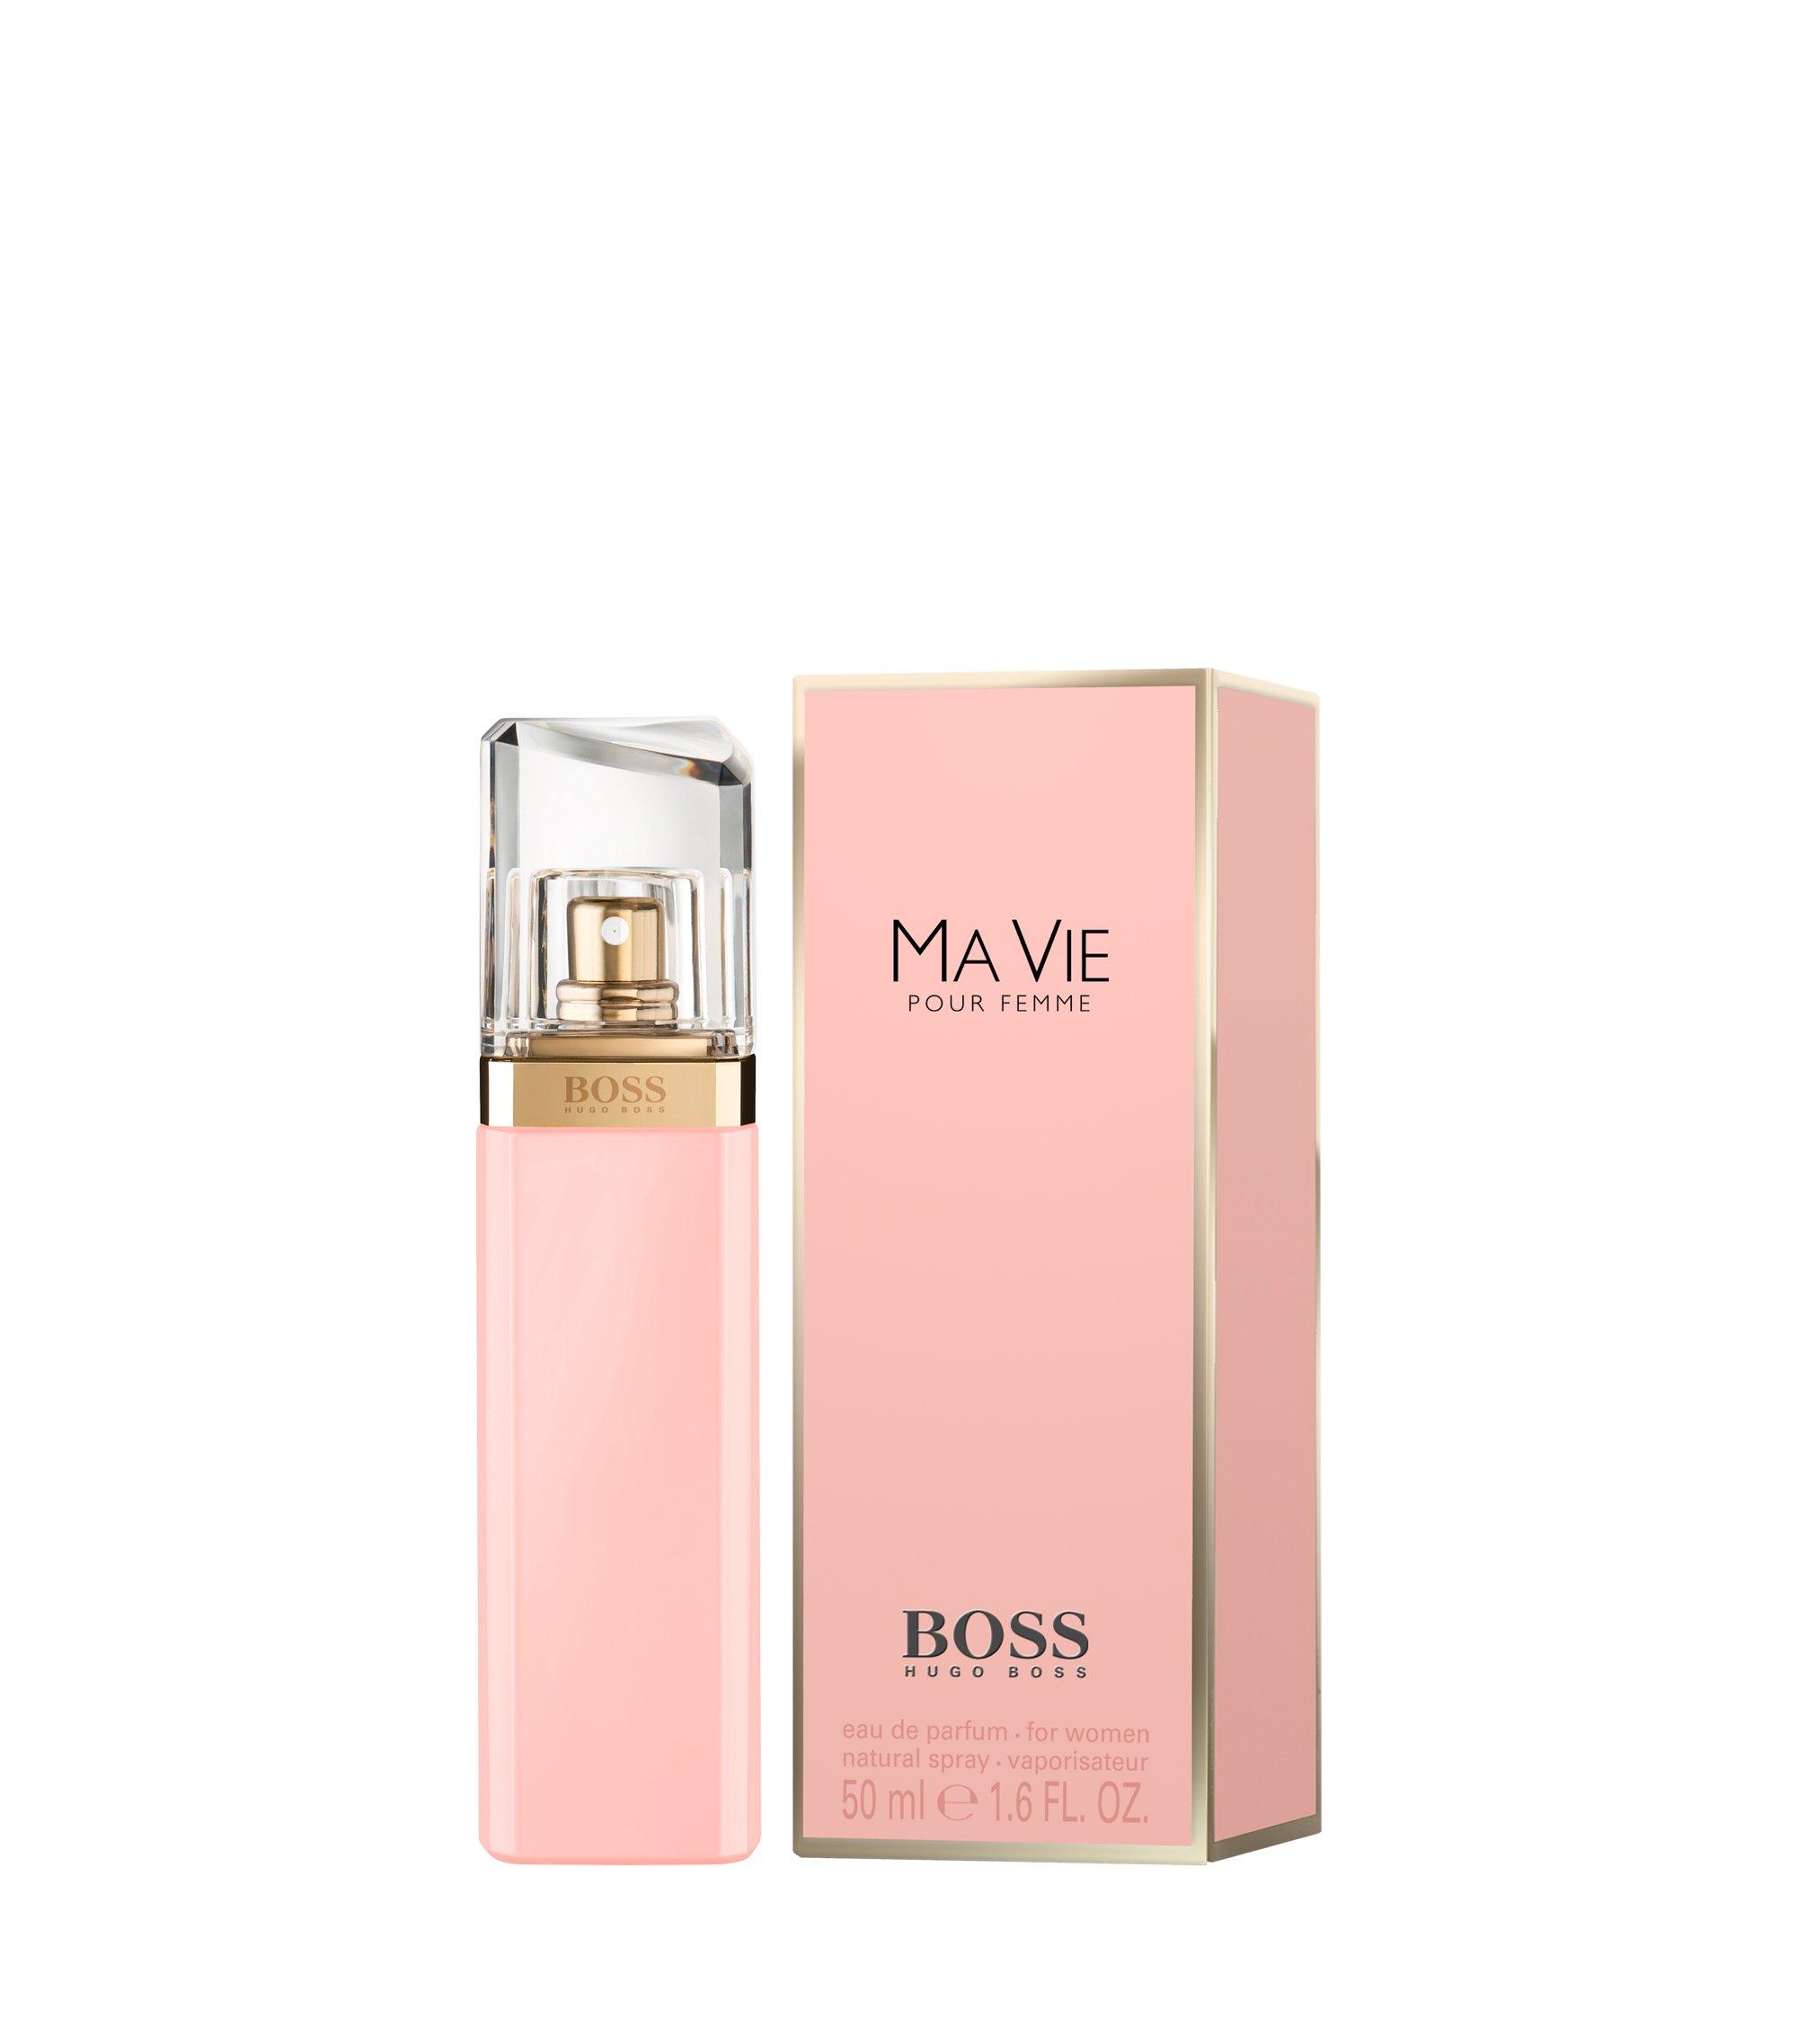 Eau de Parfum BOSS Ma Vie pour femme, 50ml, Assorted-Pre-Pack